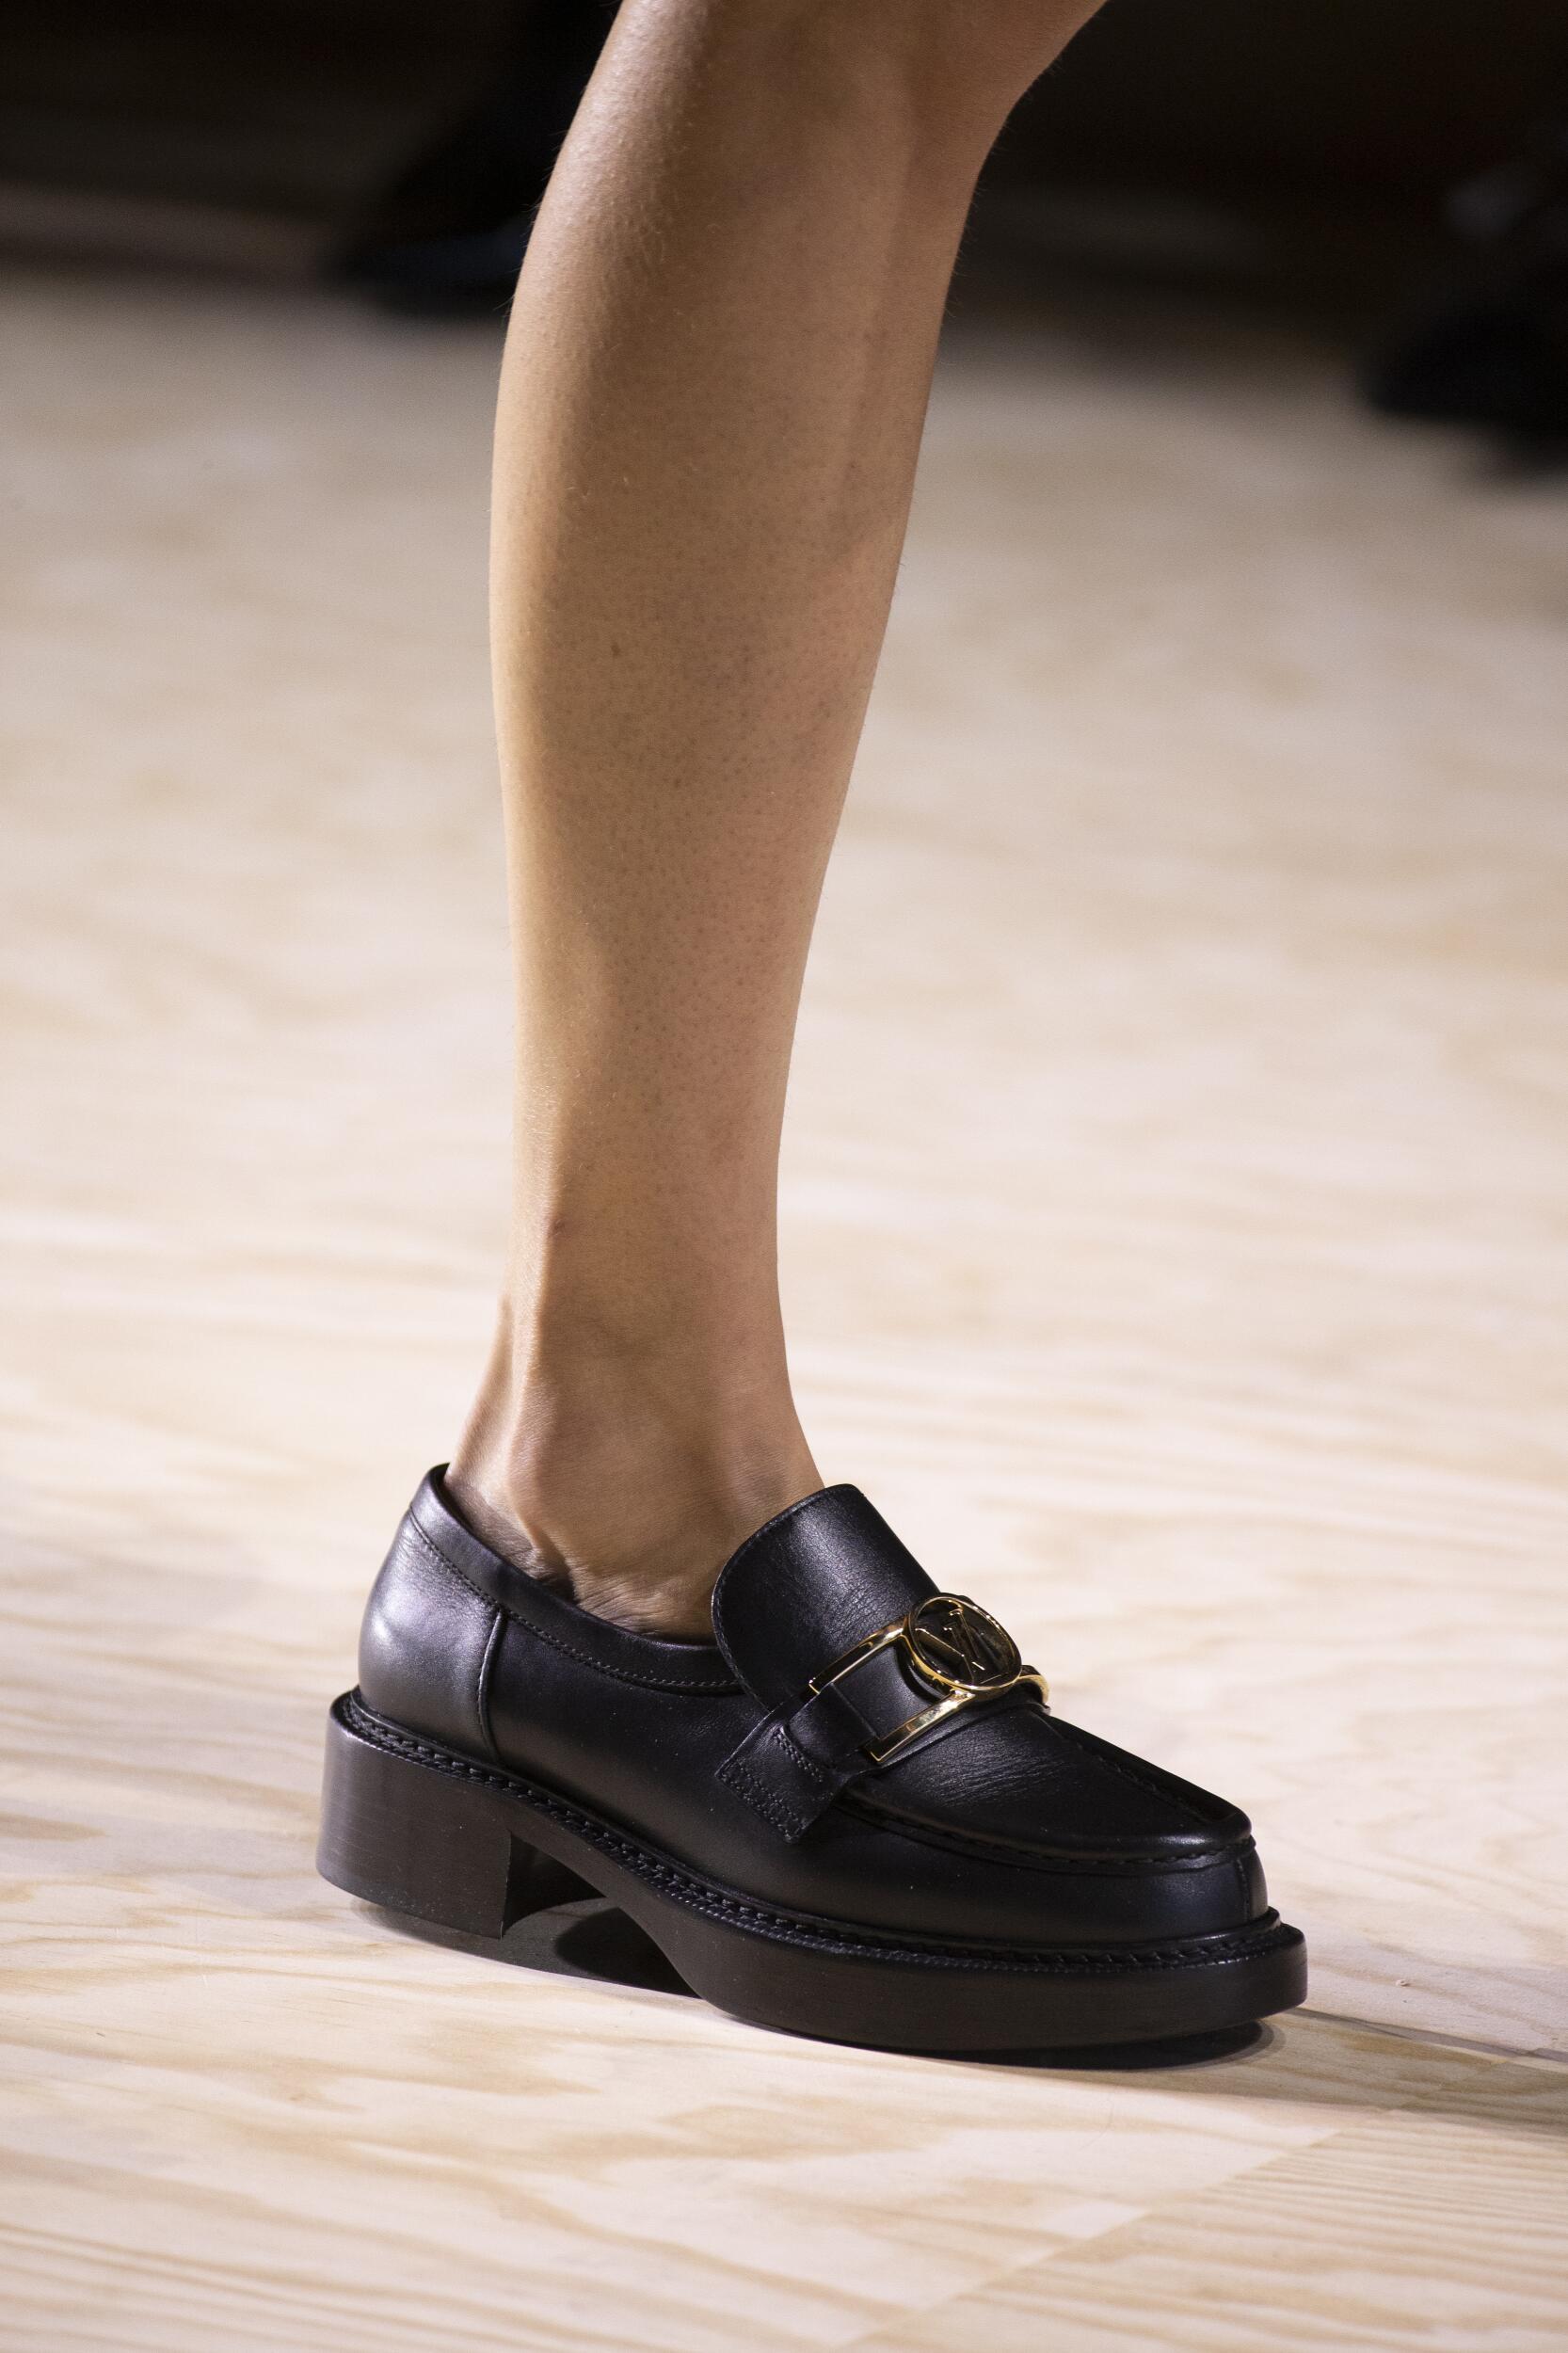 Louis Vuitton Summer 2020 Shoes